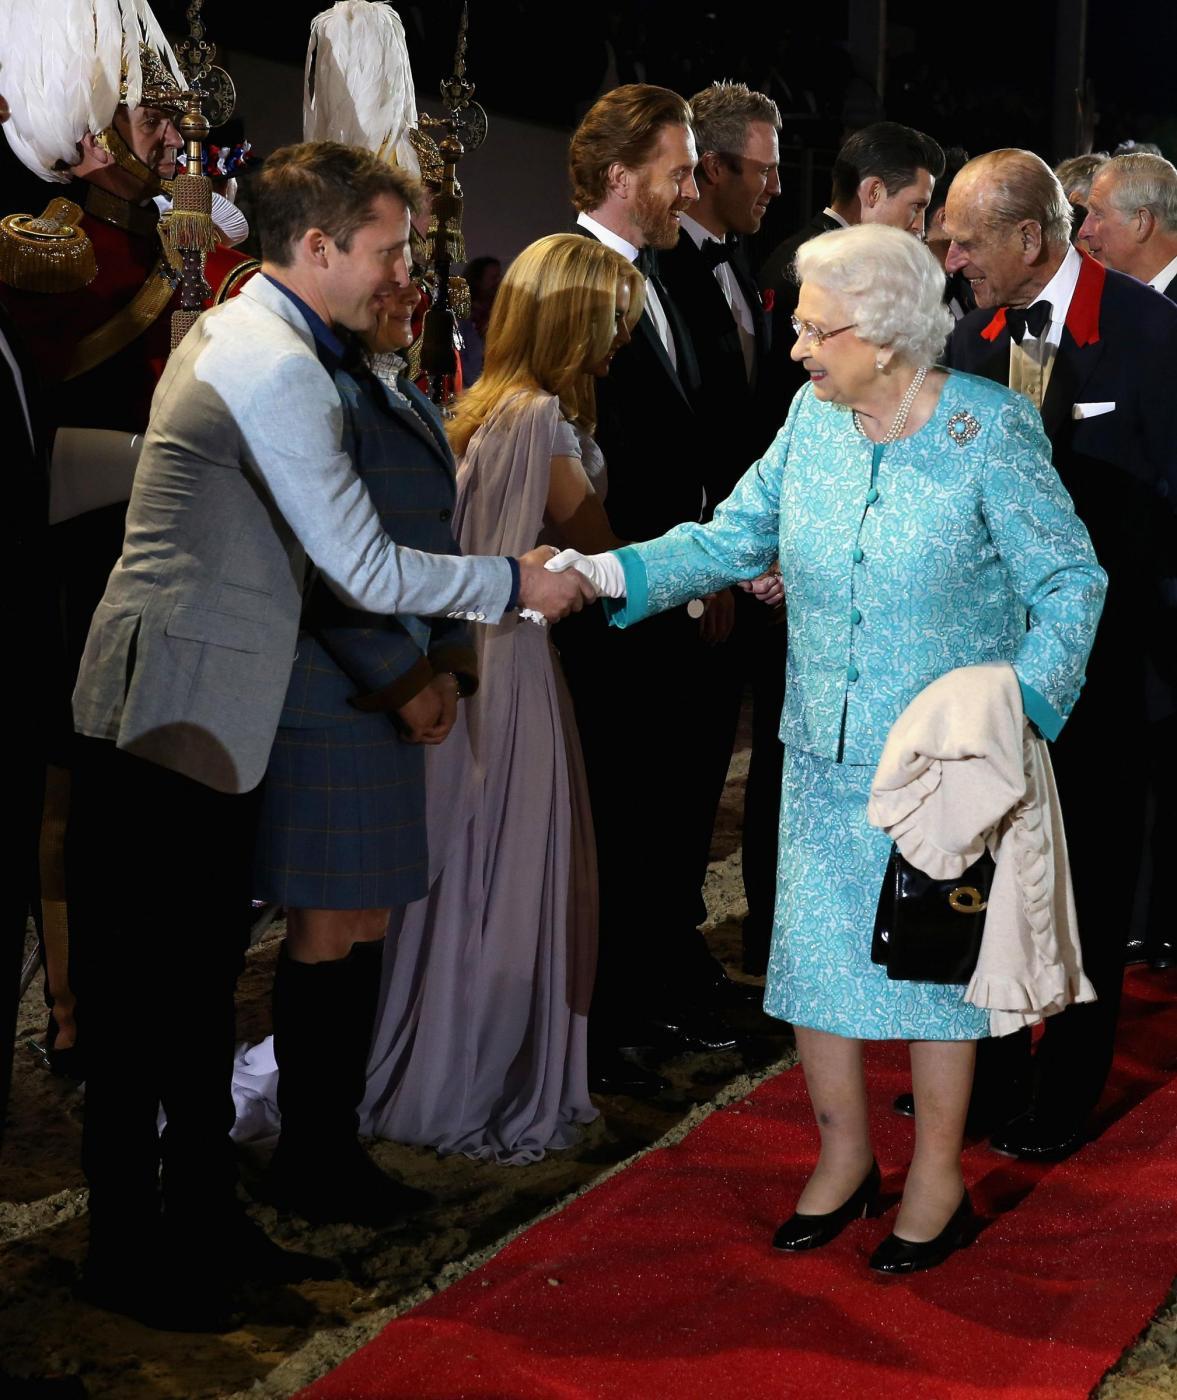 Elisabetta II, tante star a Windsor per la grande festa alla sovrana